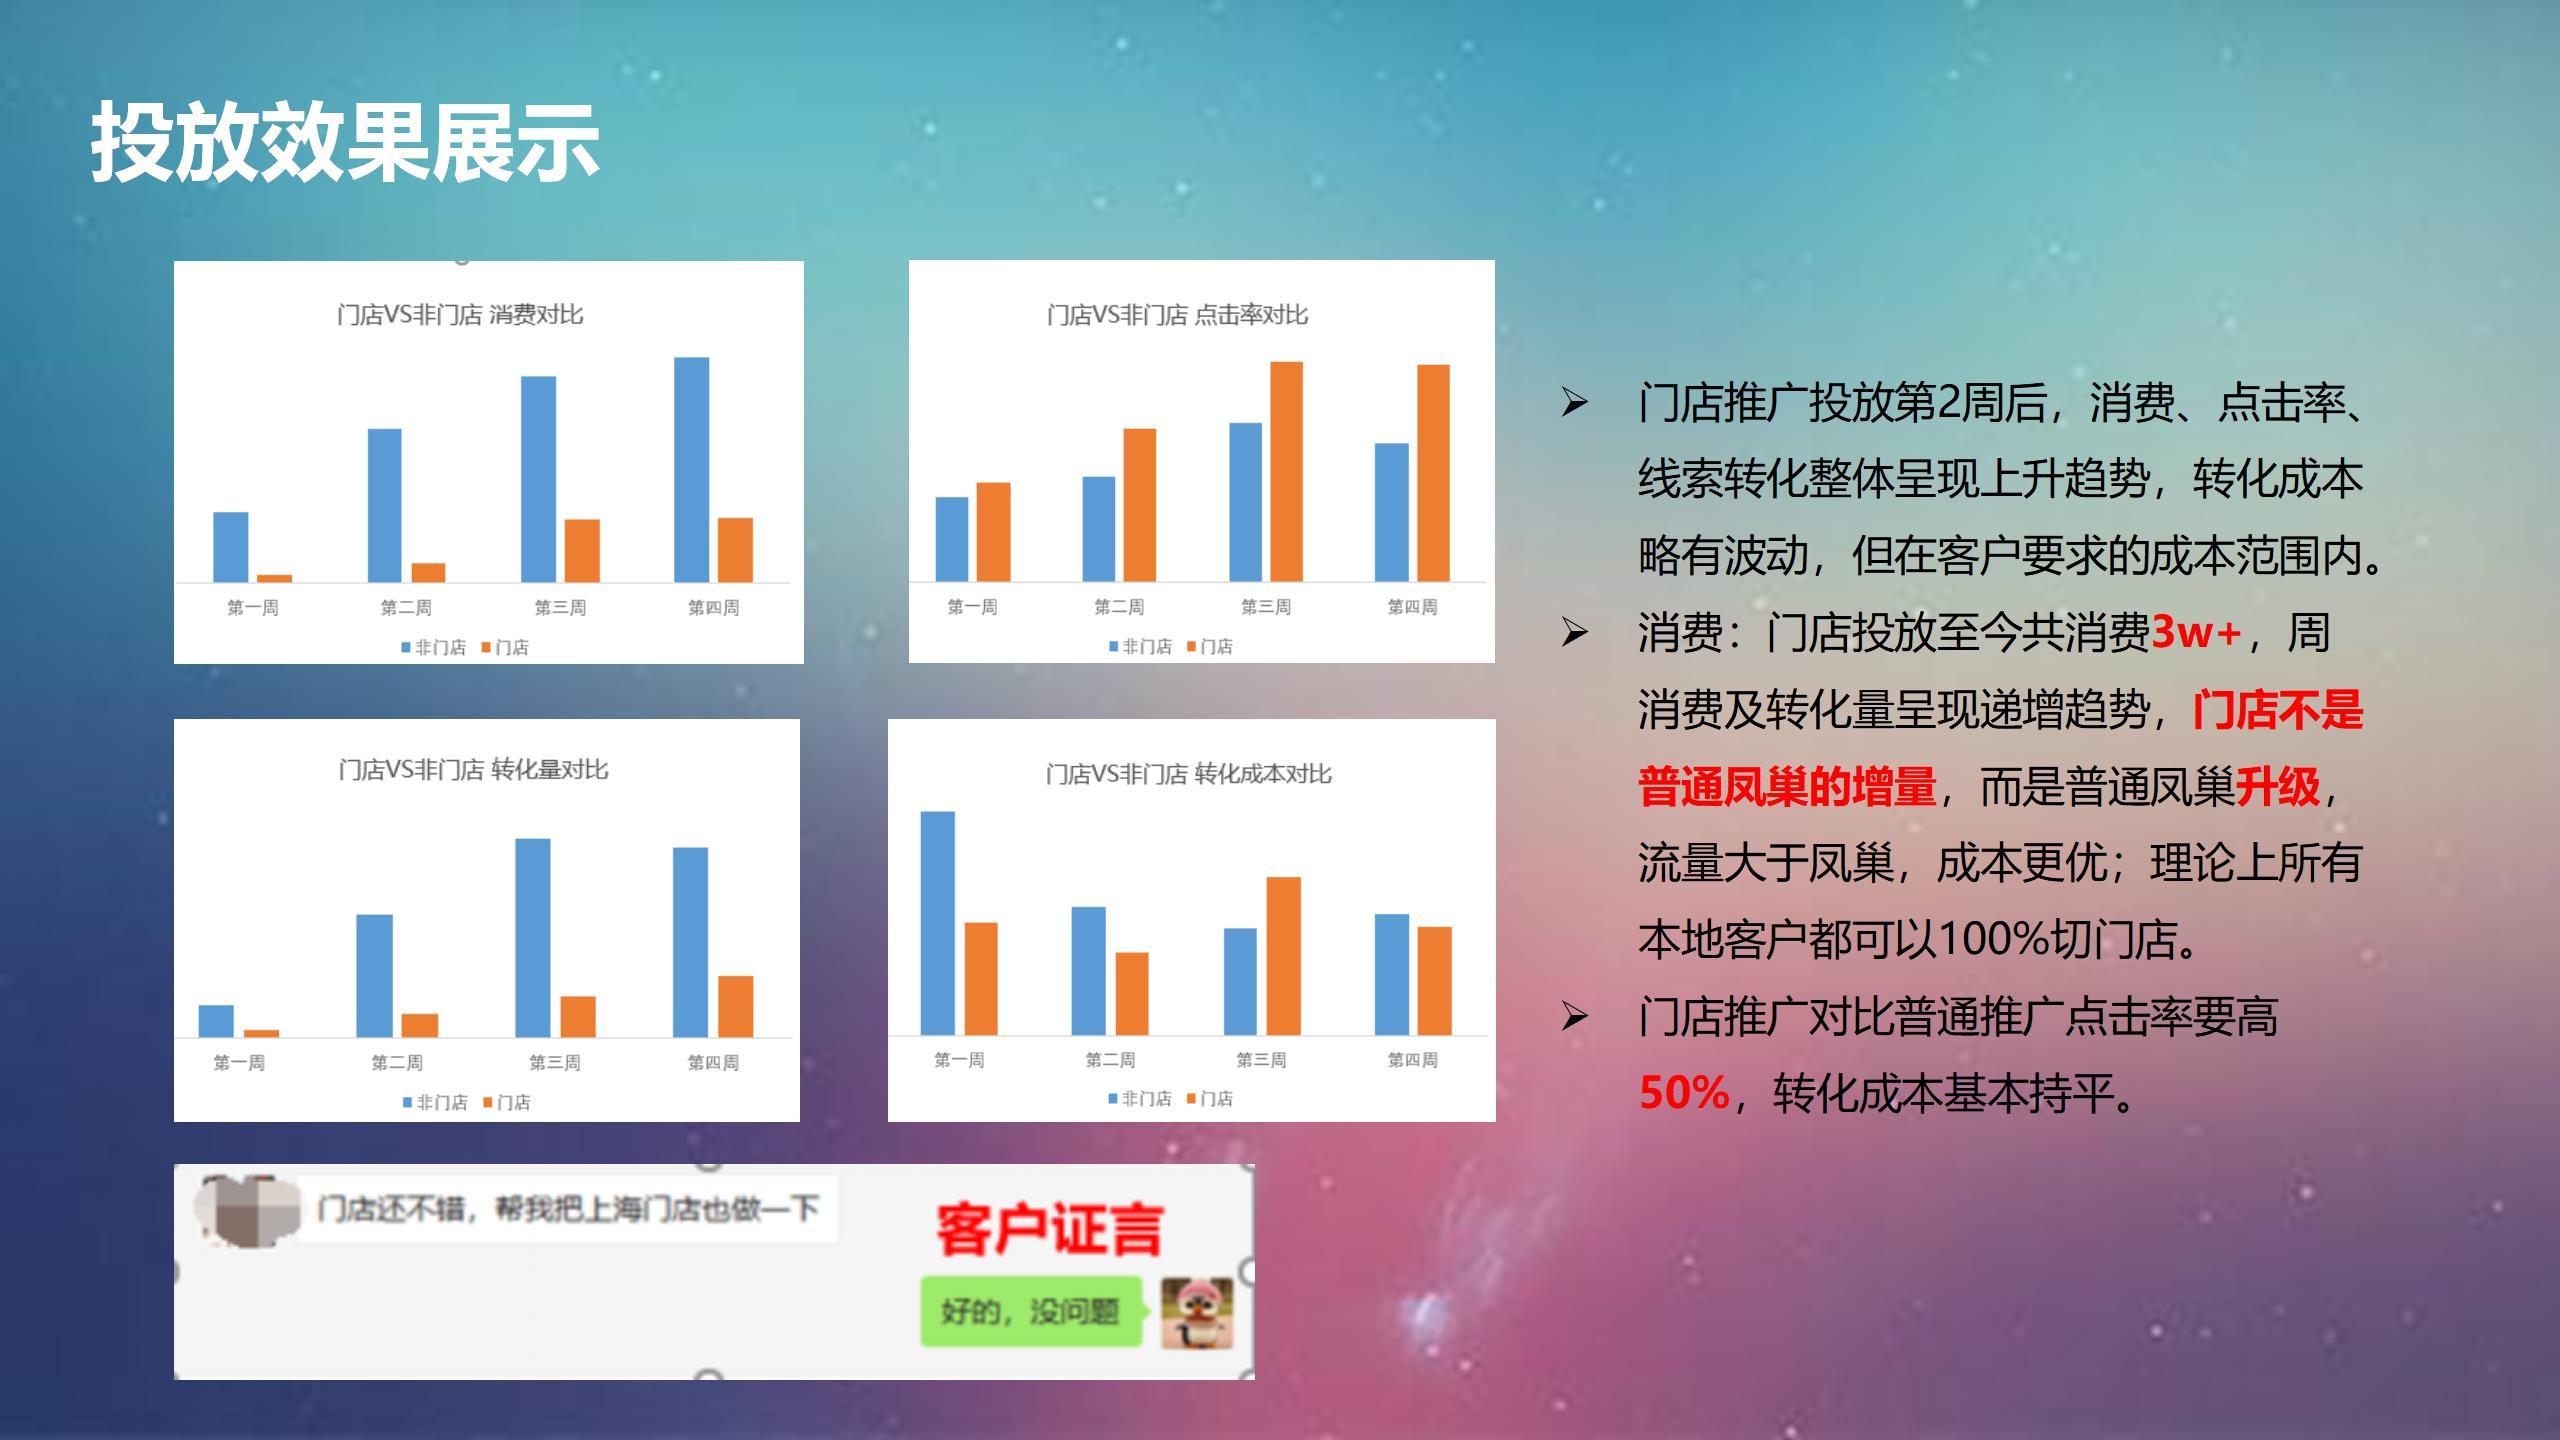 教育培训【直销】上苏-艺上教育案例脱敏版未删减._16.jpg